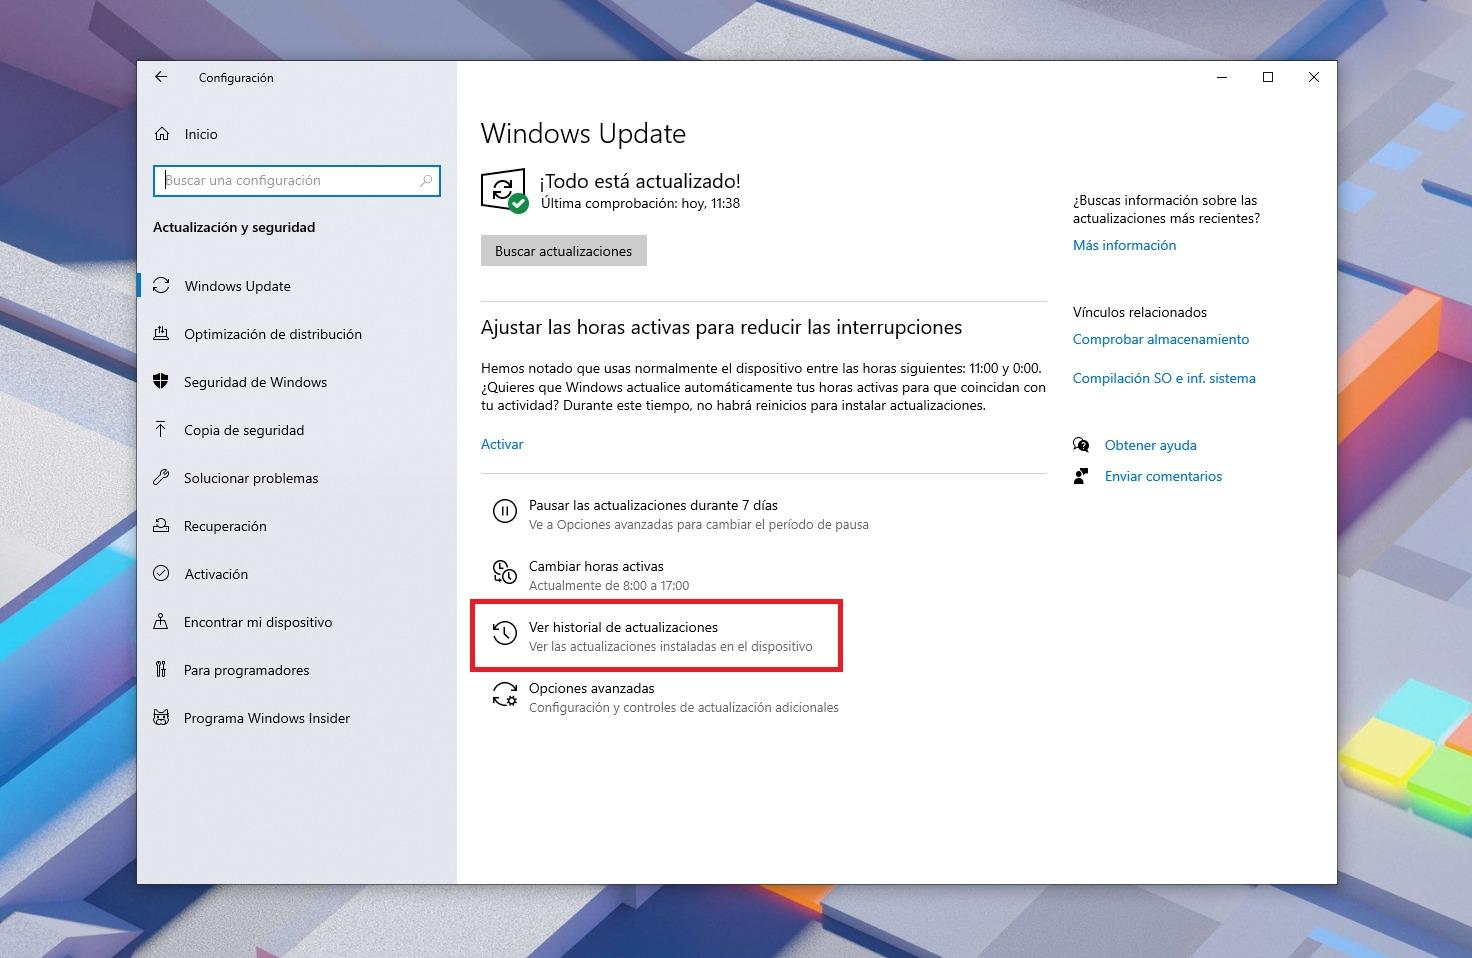 Desinstalar actualizaciones de Windows Update